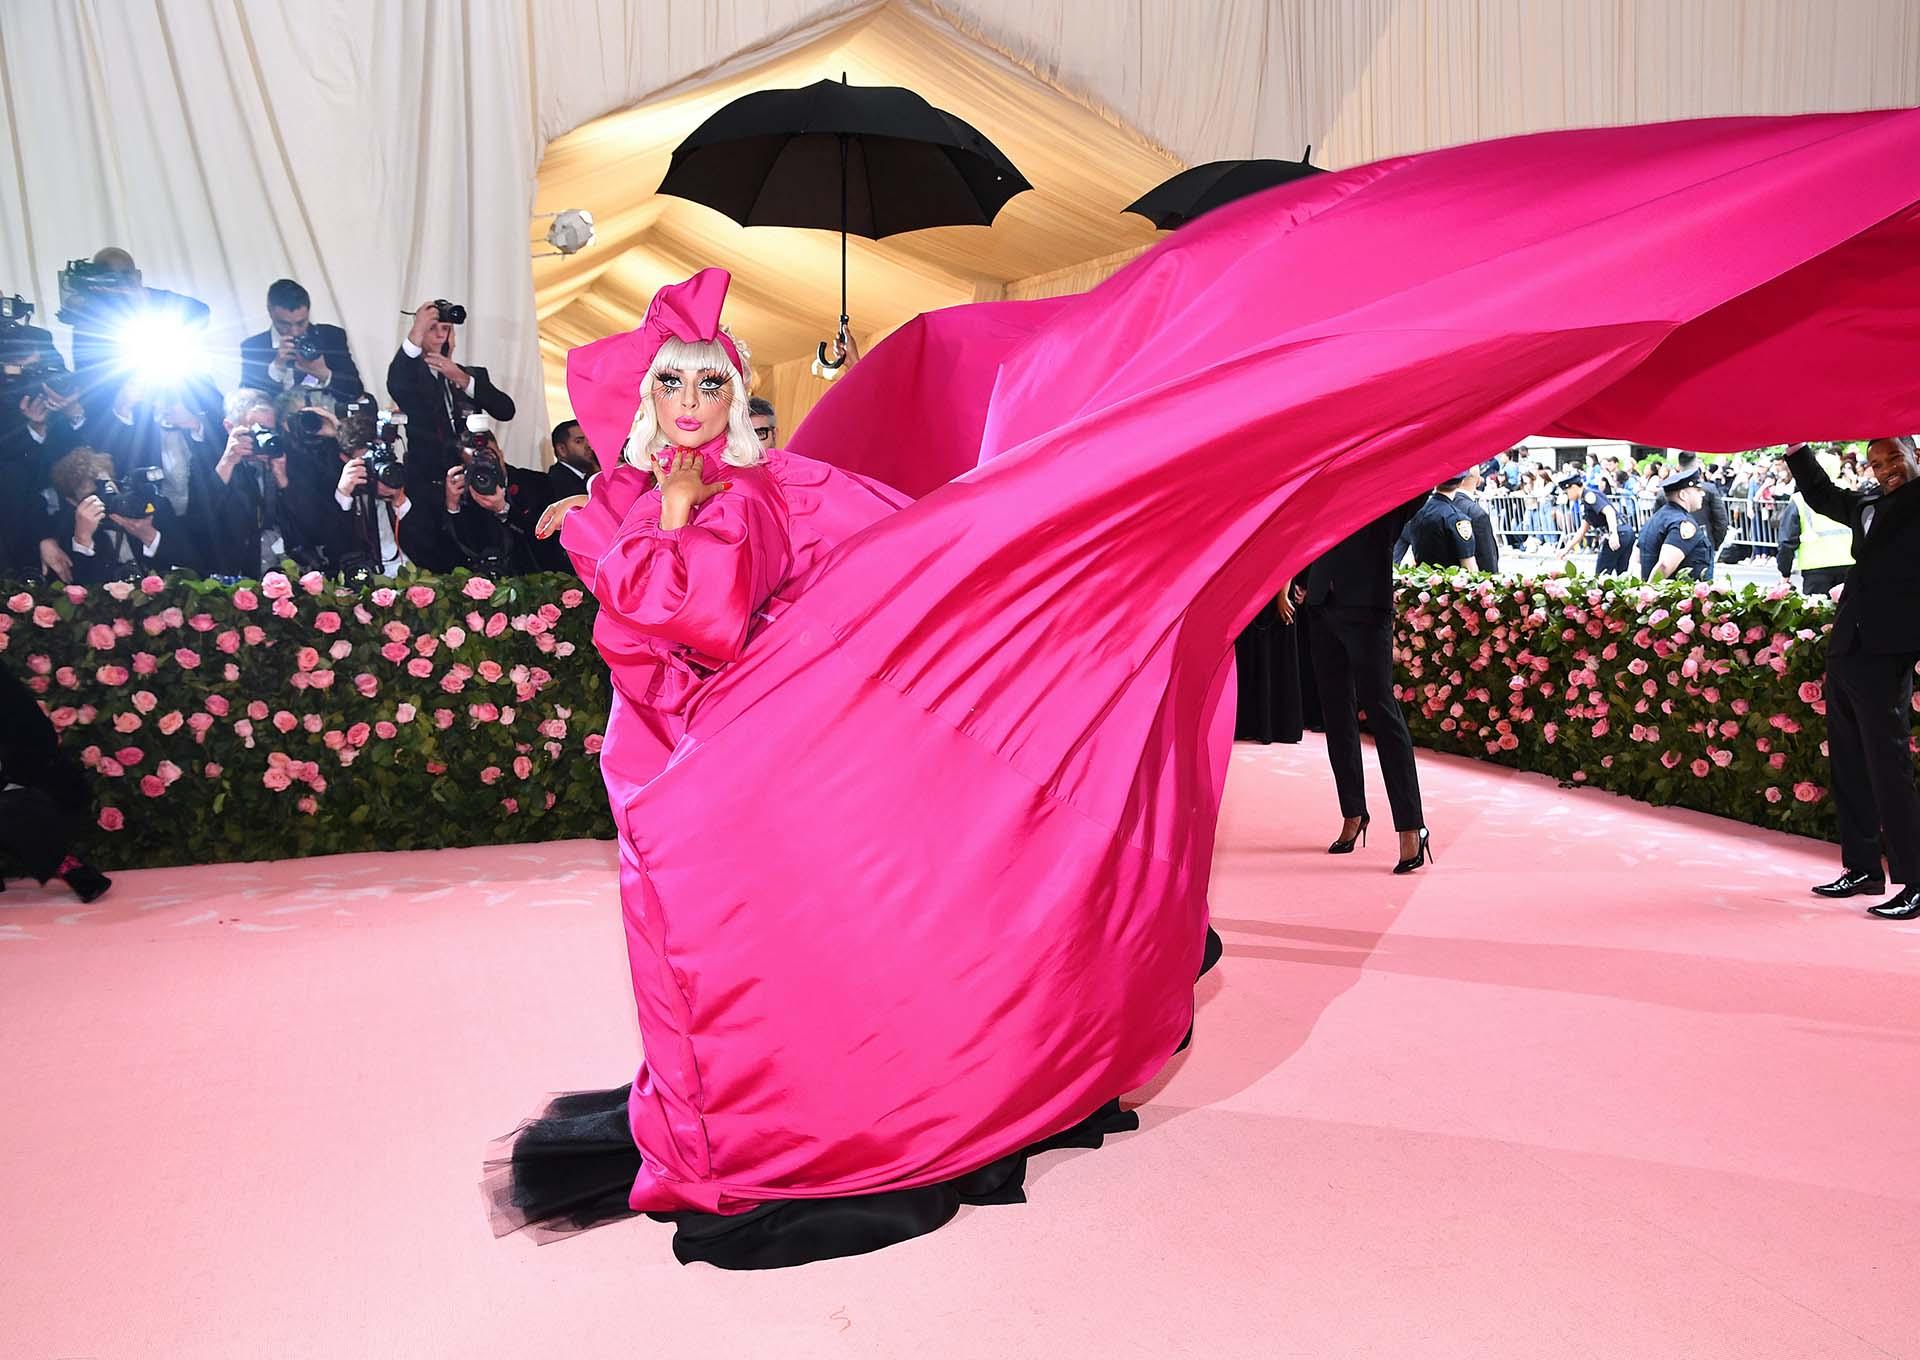 Desde la calle 84 y Madison hasta los escalones del Museo Metropolitano de Arte, Lady Gaga desfiló con cinco bailarinas,su maquilladora y su fotógrafo personal en una brillante actuación en vivo que comenzó con ella luciendo un vestido fucsia neón con una cola de siete metros y medio de largo y un moño de lazo en la cabeza